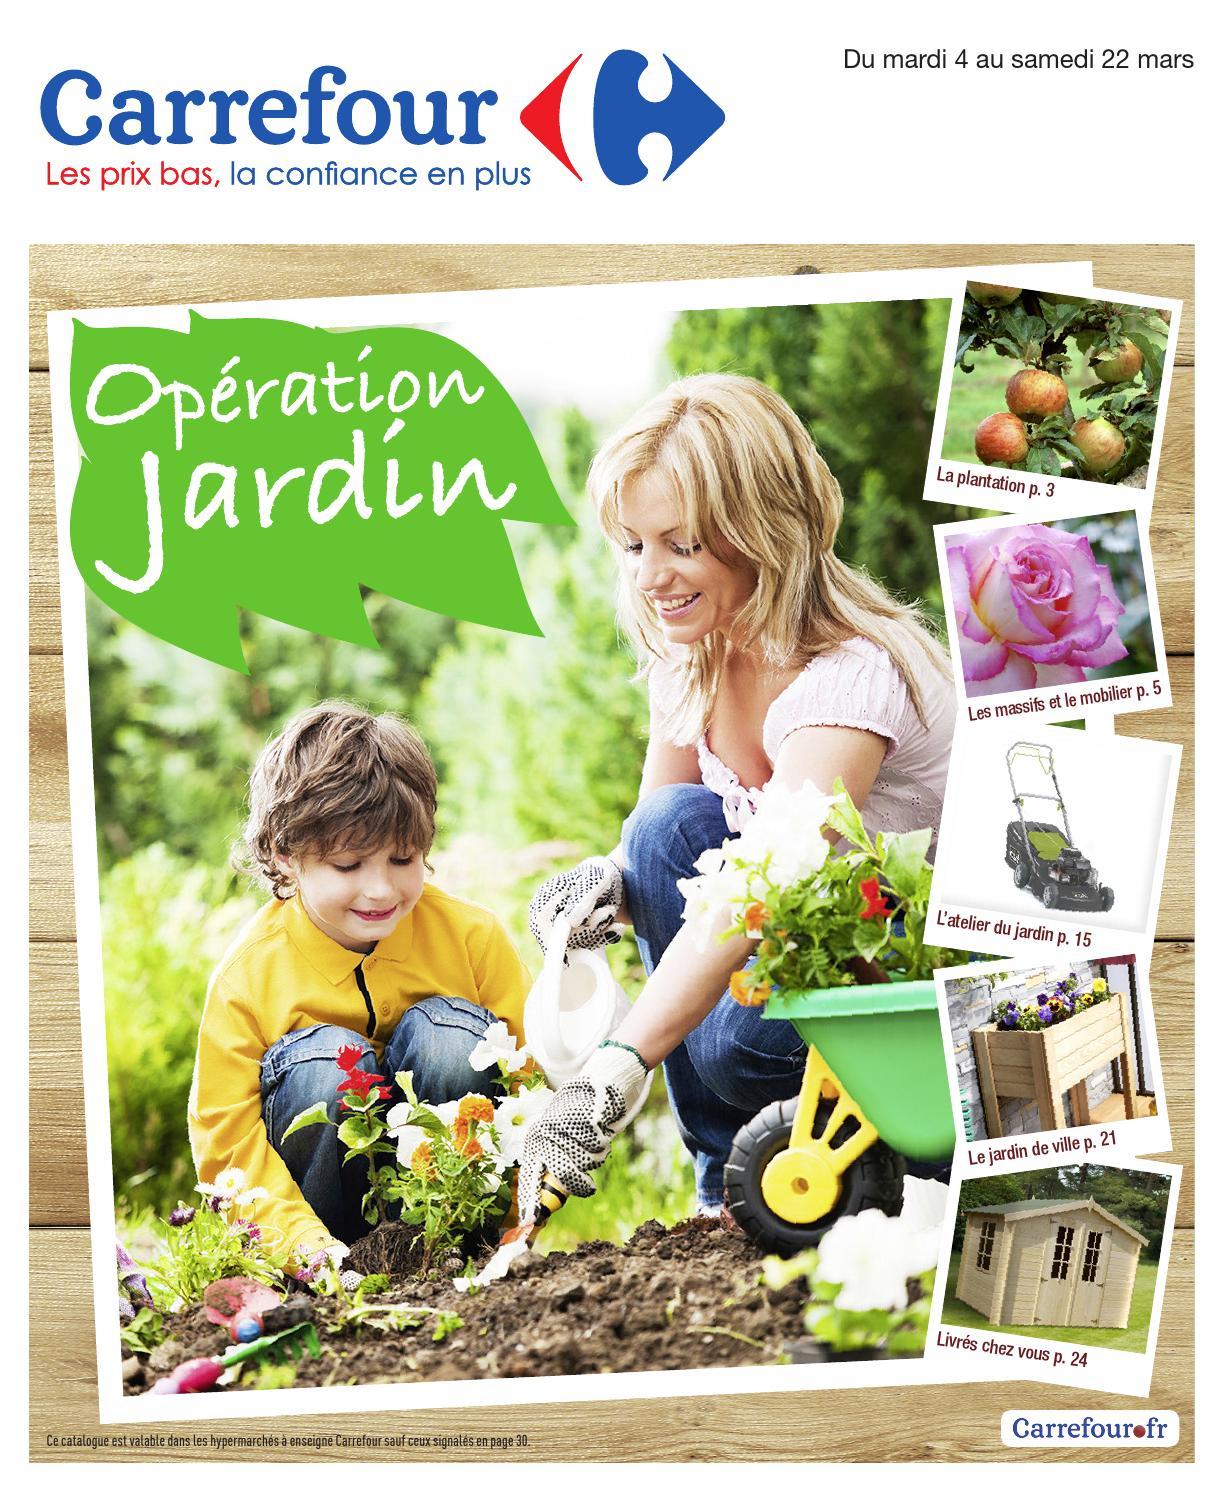 Catalogue Carrefour - 4-22.03.2014 By Joe Monroe - Issuu pour Abris De Jardin Carrefour